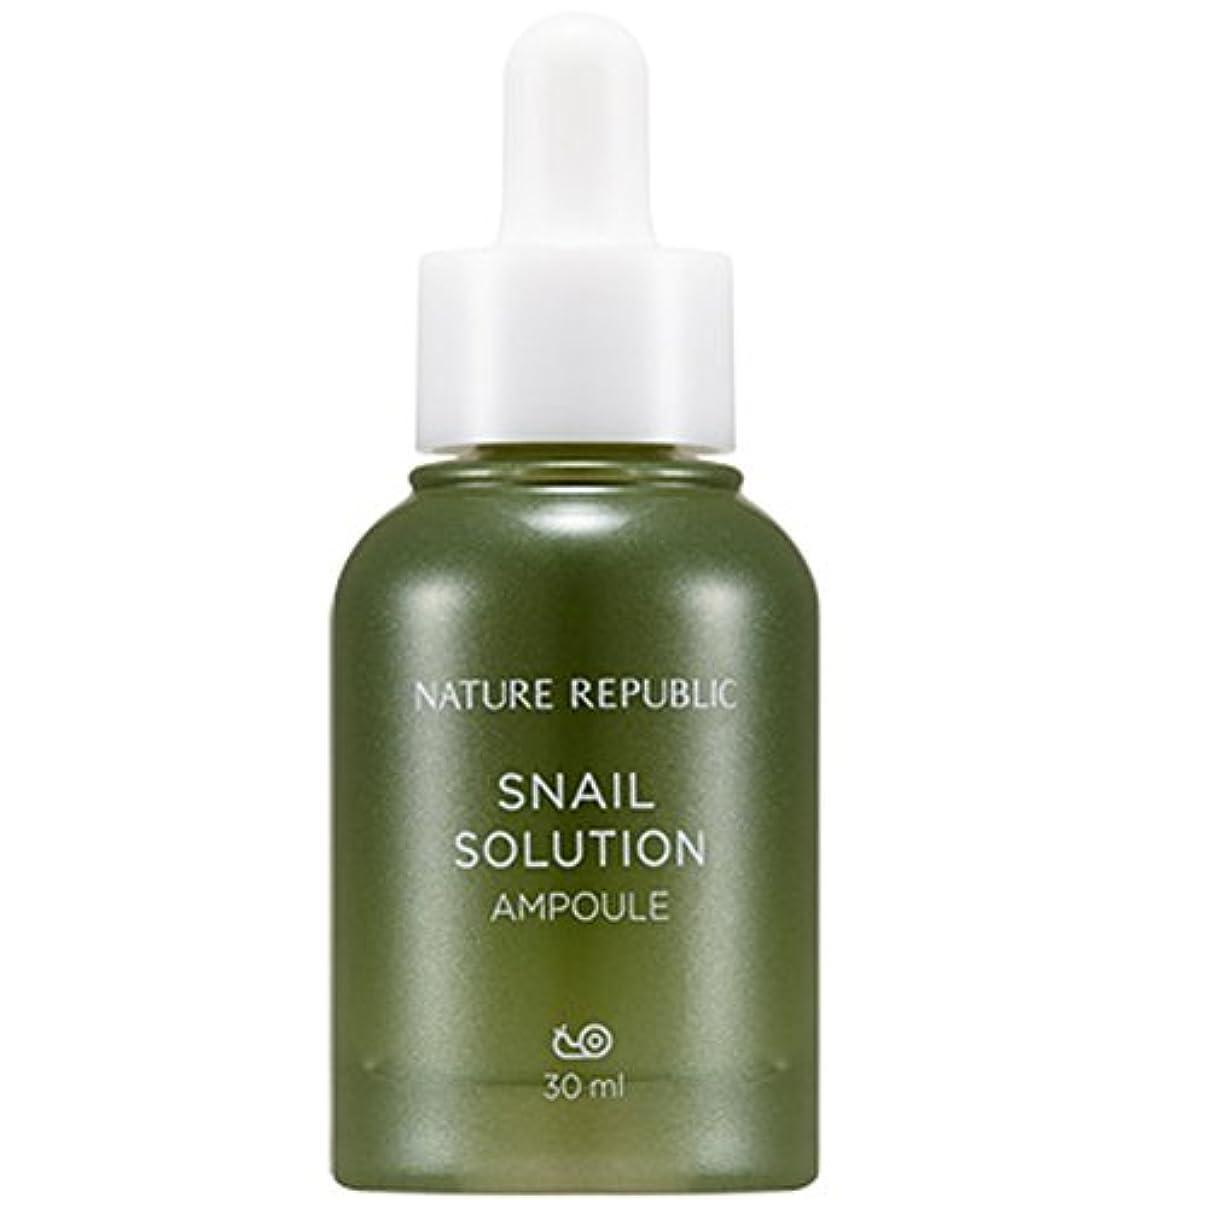 ビジネスアプト摂氏度NATURE REPUBLIC Snail Solution AMPOULE ネイチャーリパブリック ネイチャーリパブリックカタツムリソリューション アンプル